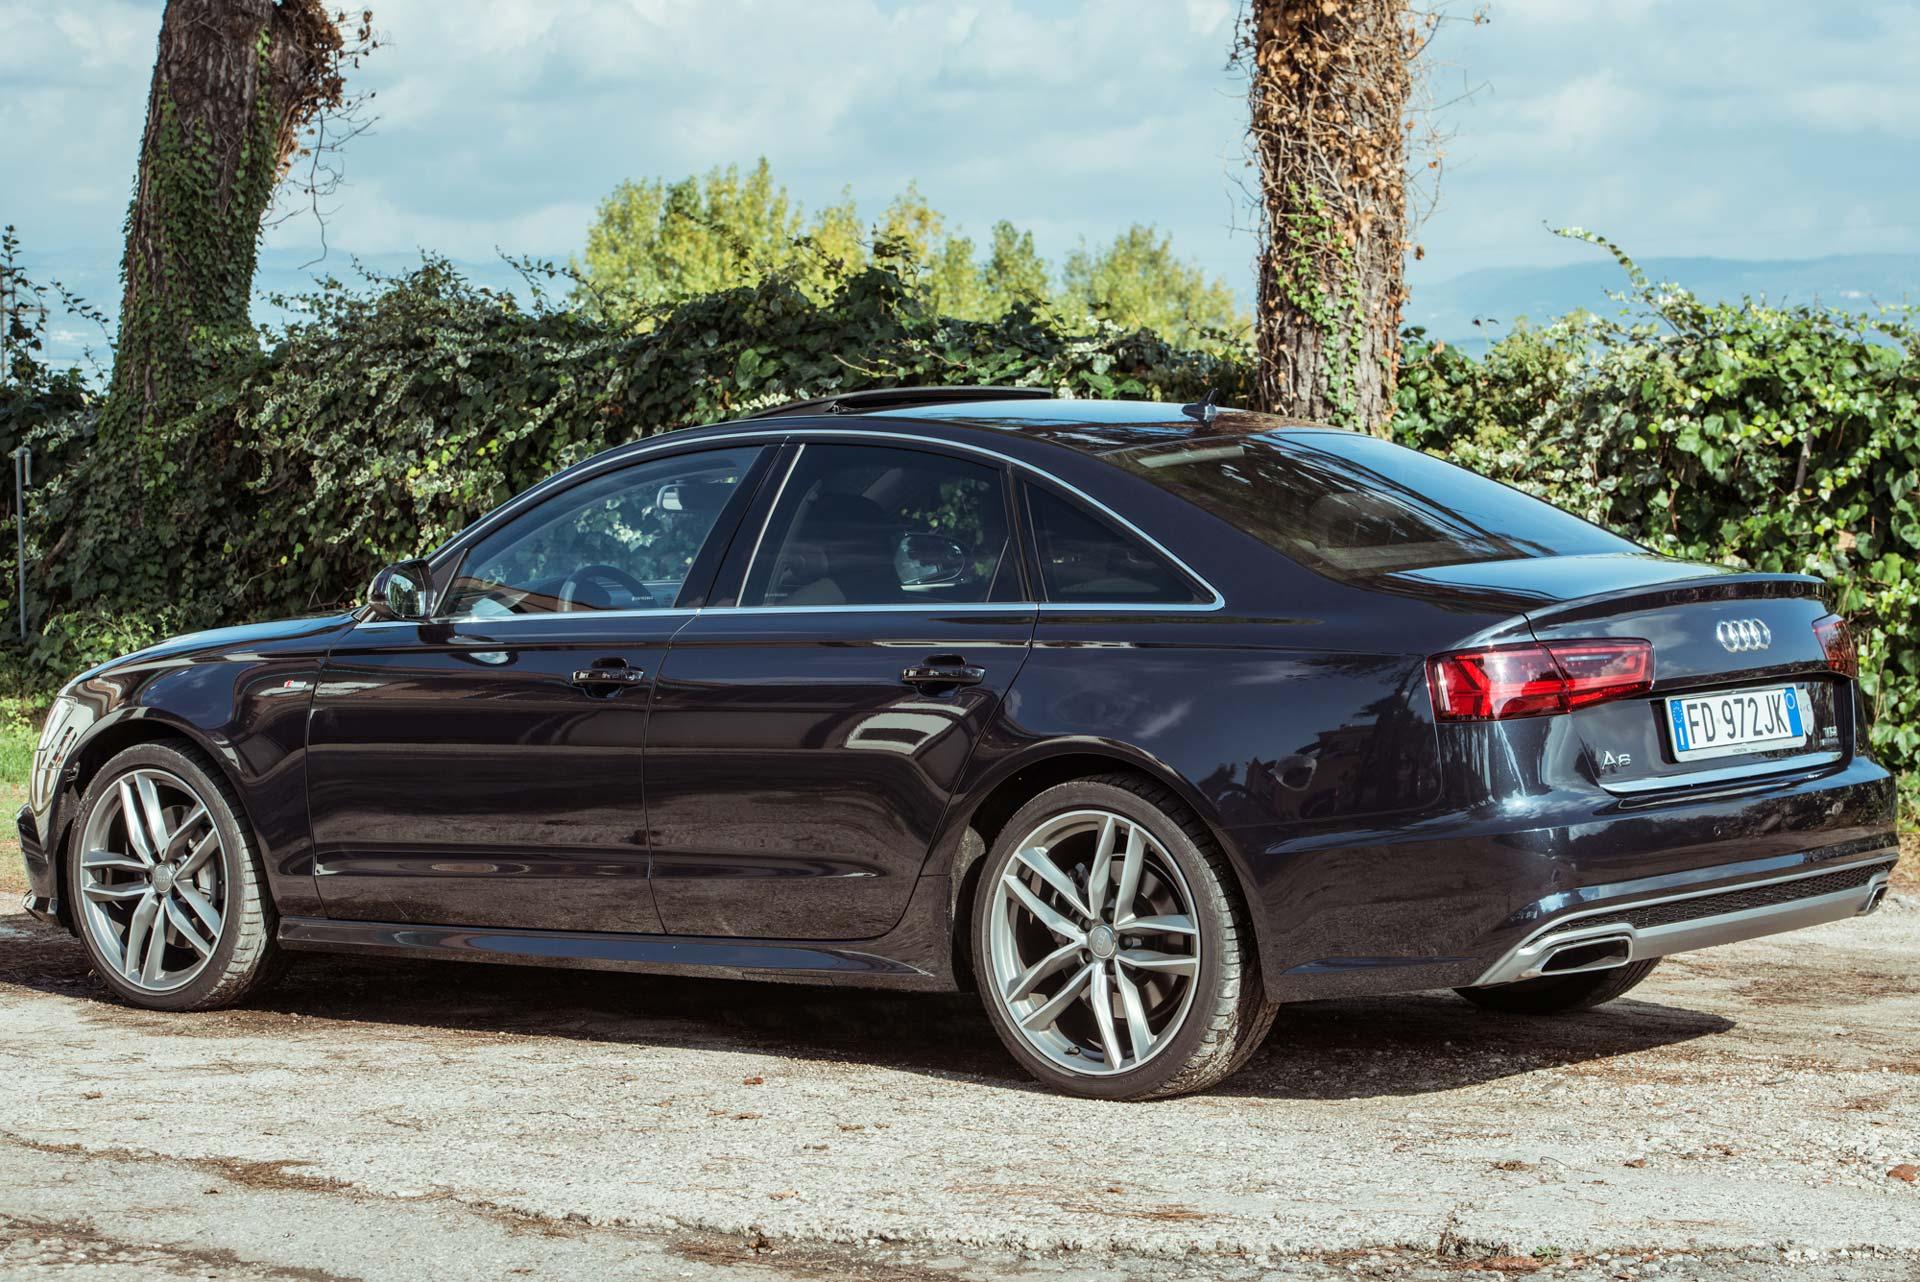 Audi A6 Pasqualini Noleggio Con Conducente Verona 3